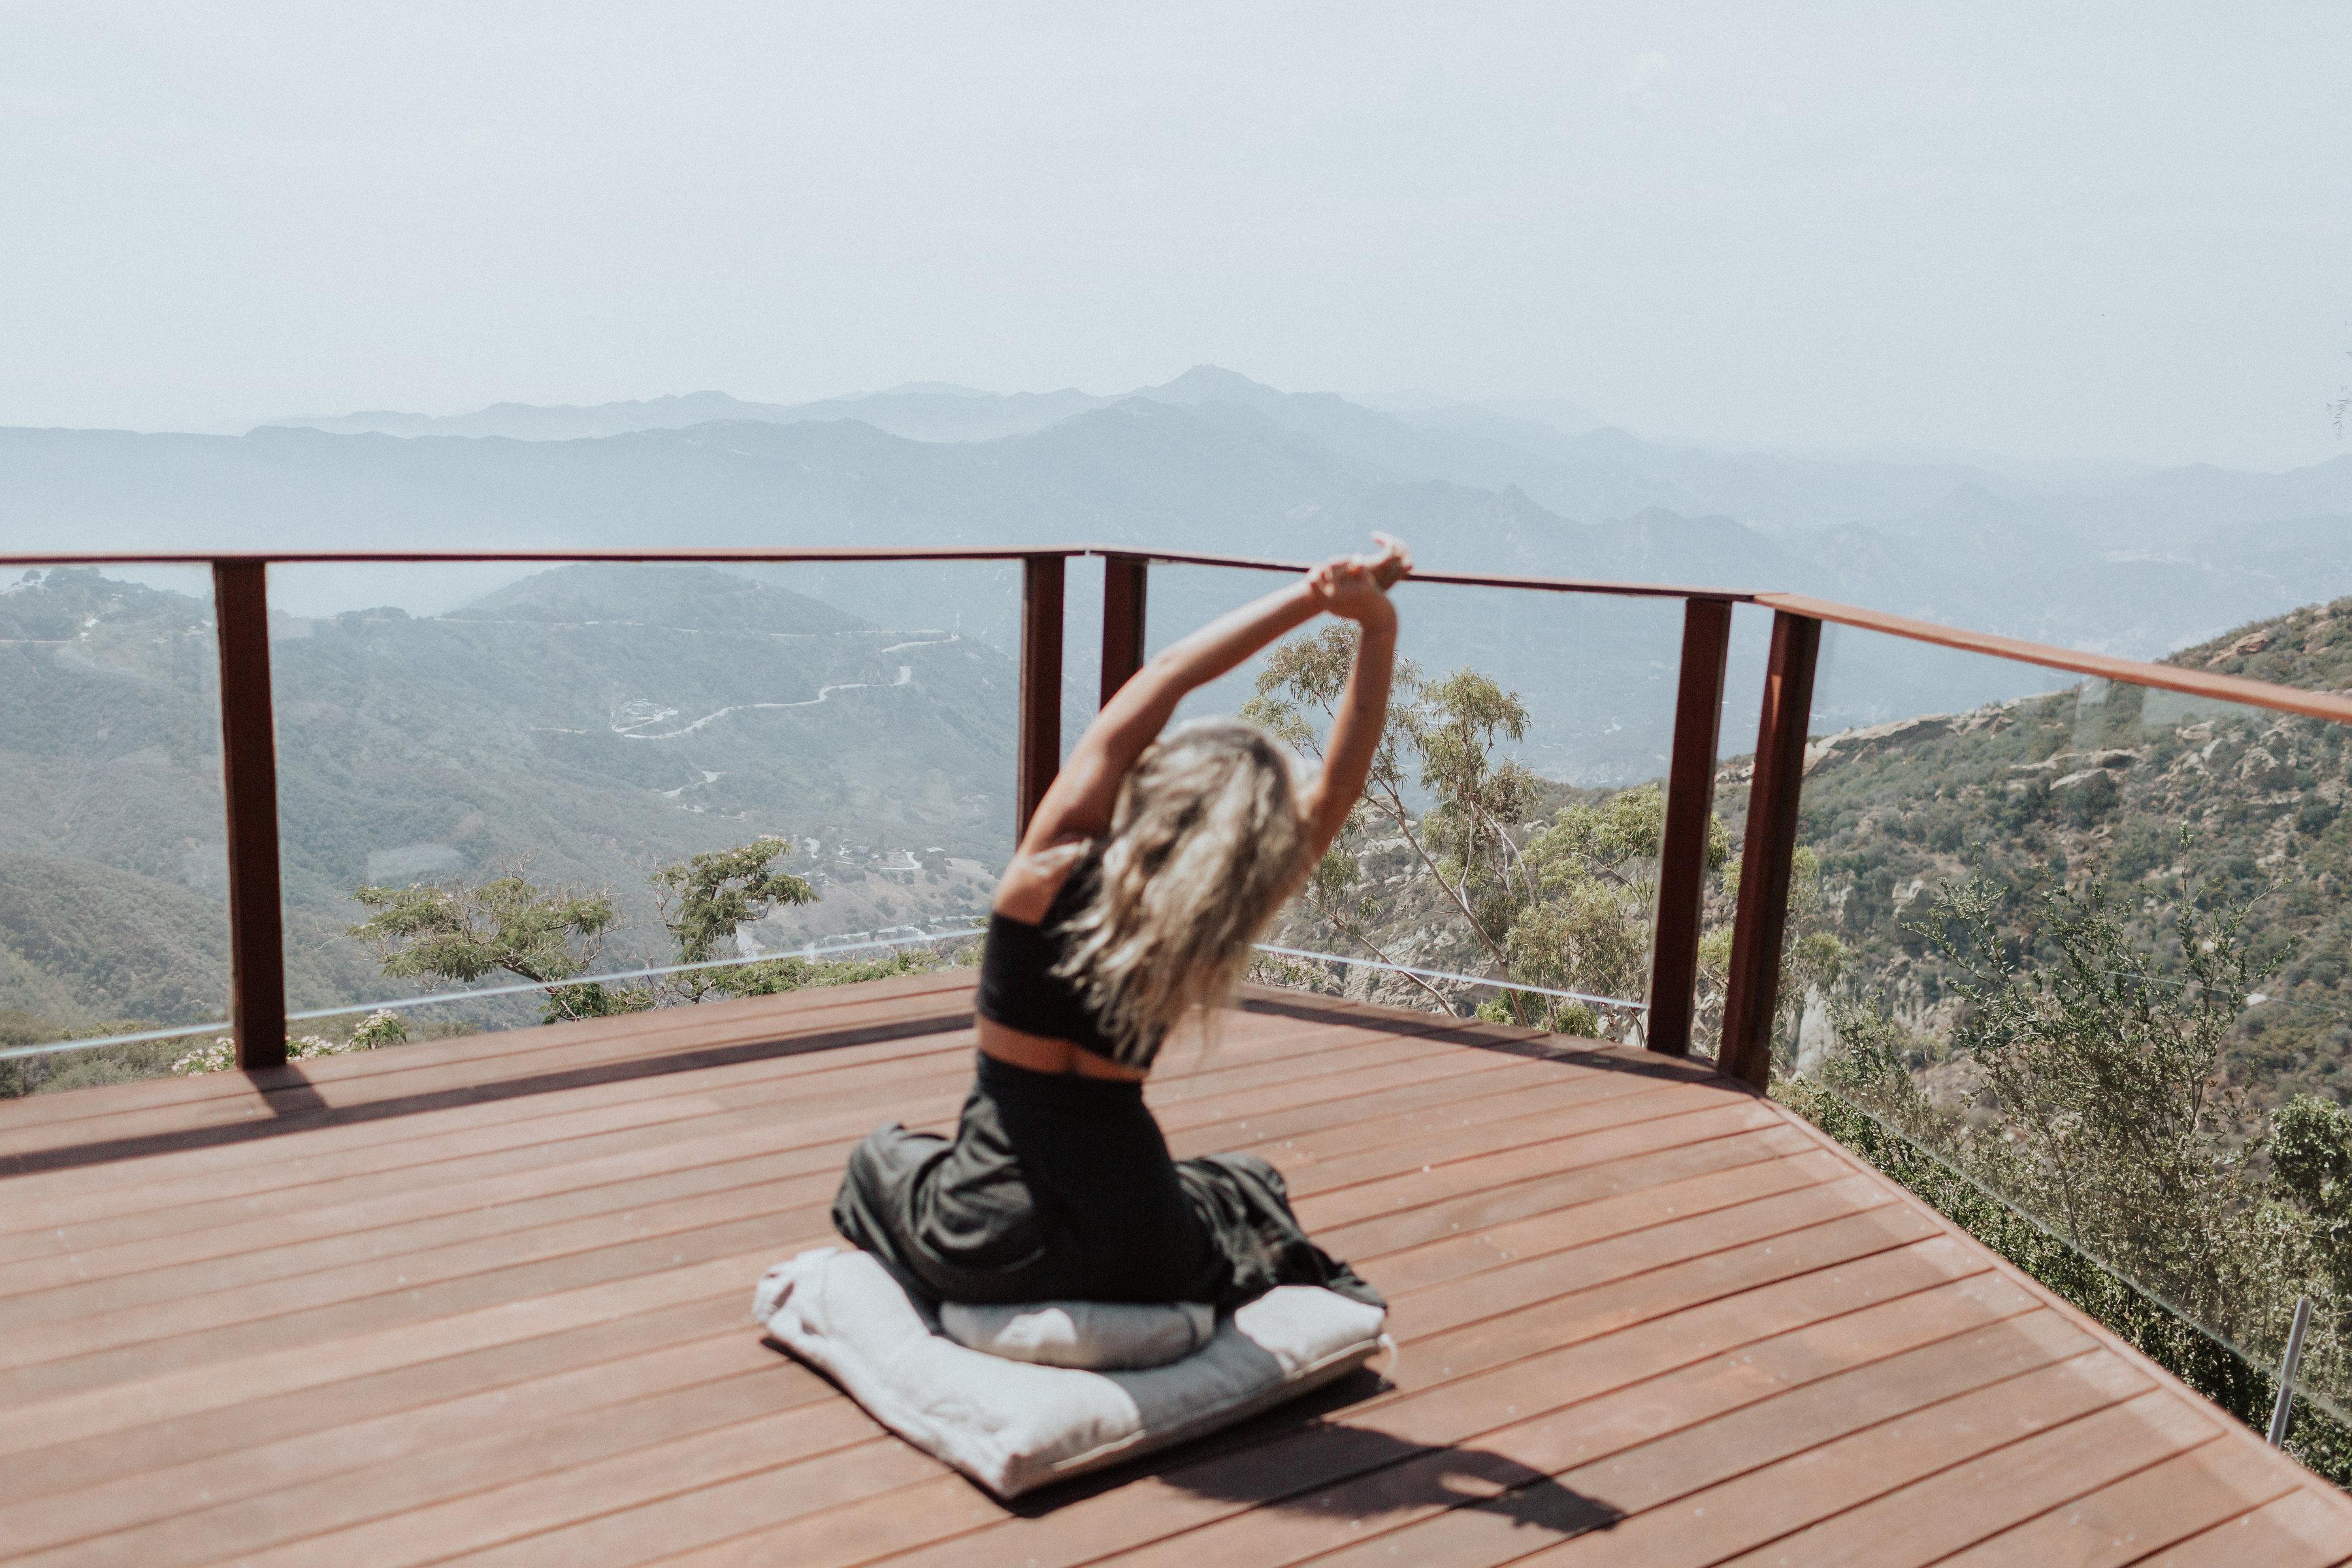 why you should go outside, get outside, health, wellness, malibu, beach house, yoga, meditation